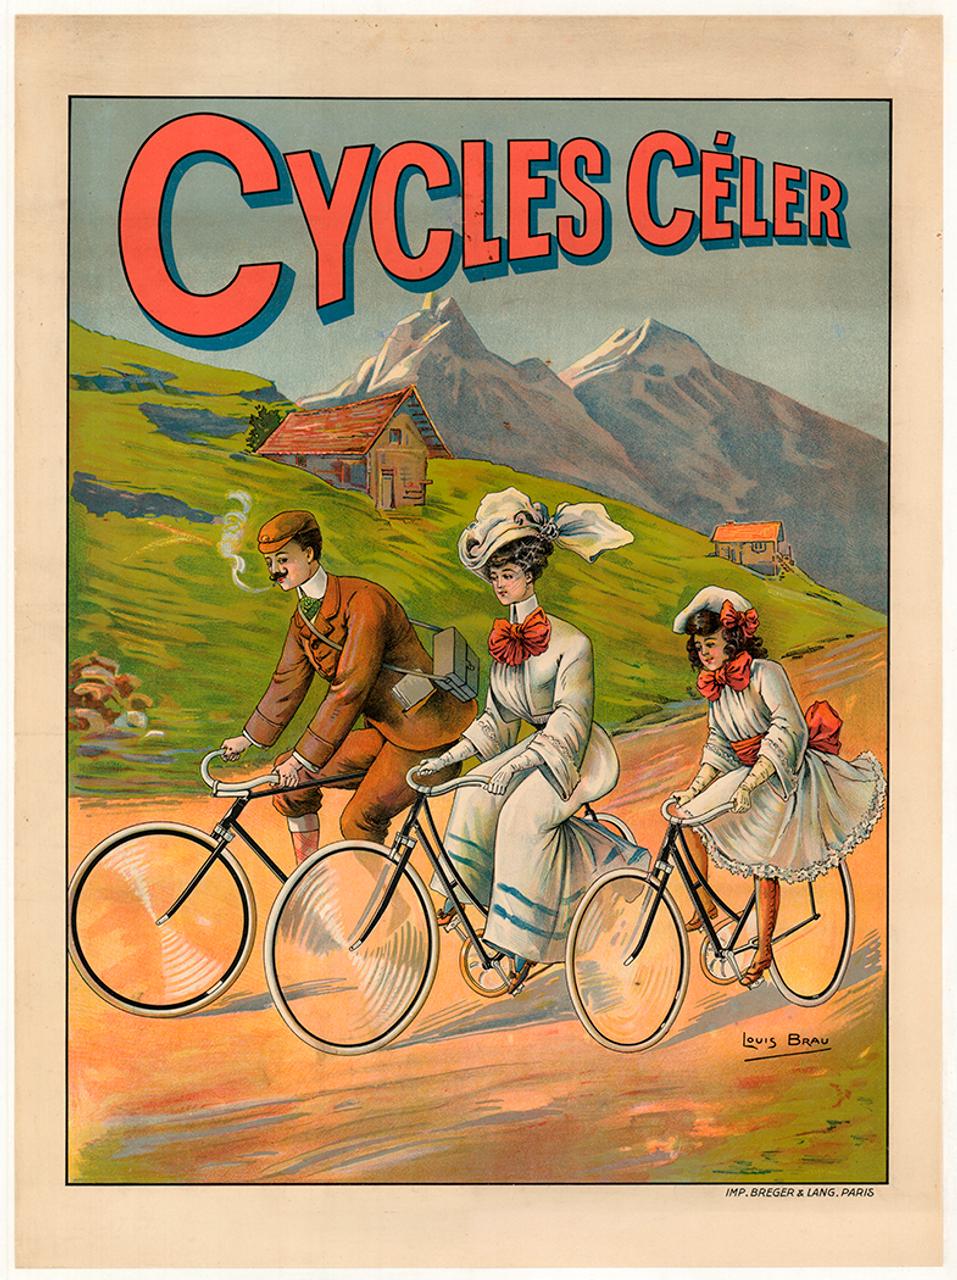 Cycles Celer Original Vintage Bicycle Poster by Brau